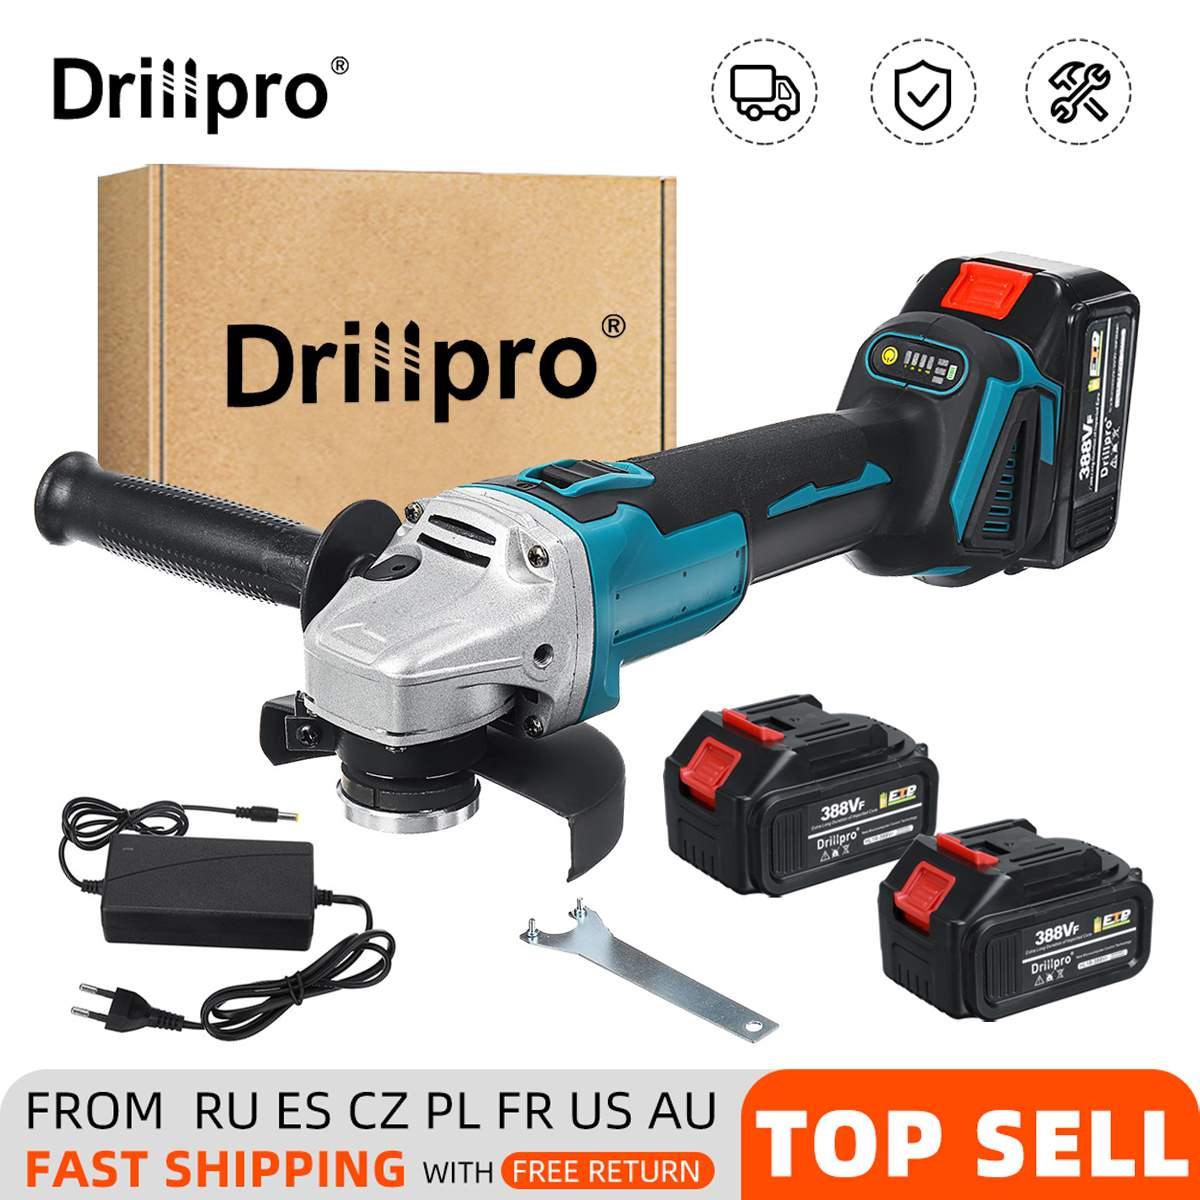 Drillpro 125 مللي متر فرش طاحونة بزاوية كهربائية 4 سرعة قطع آلة أداة السلطة + ليثيوم أيون بطارية لماتيكا بطارية 18 فولت